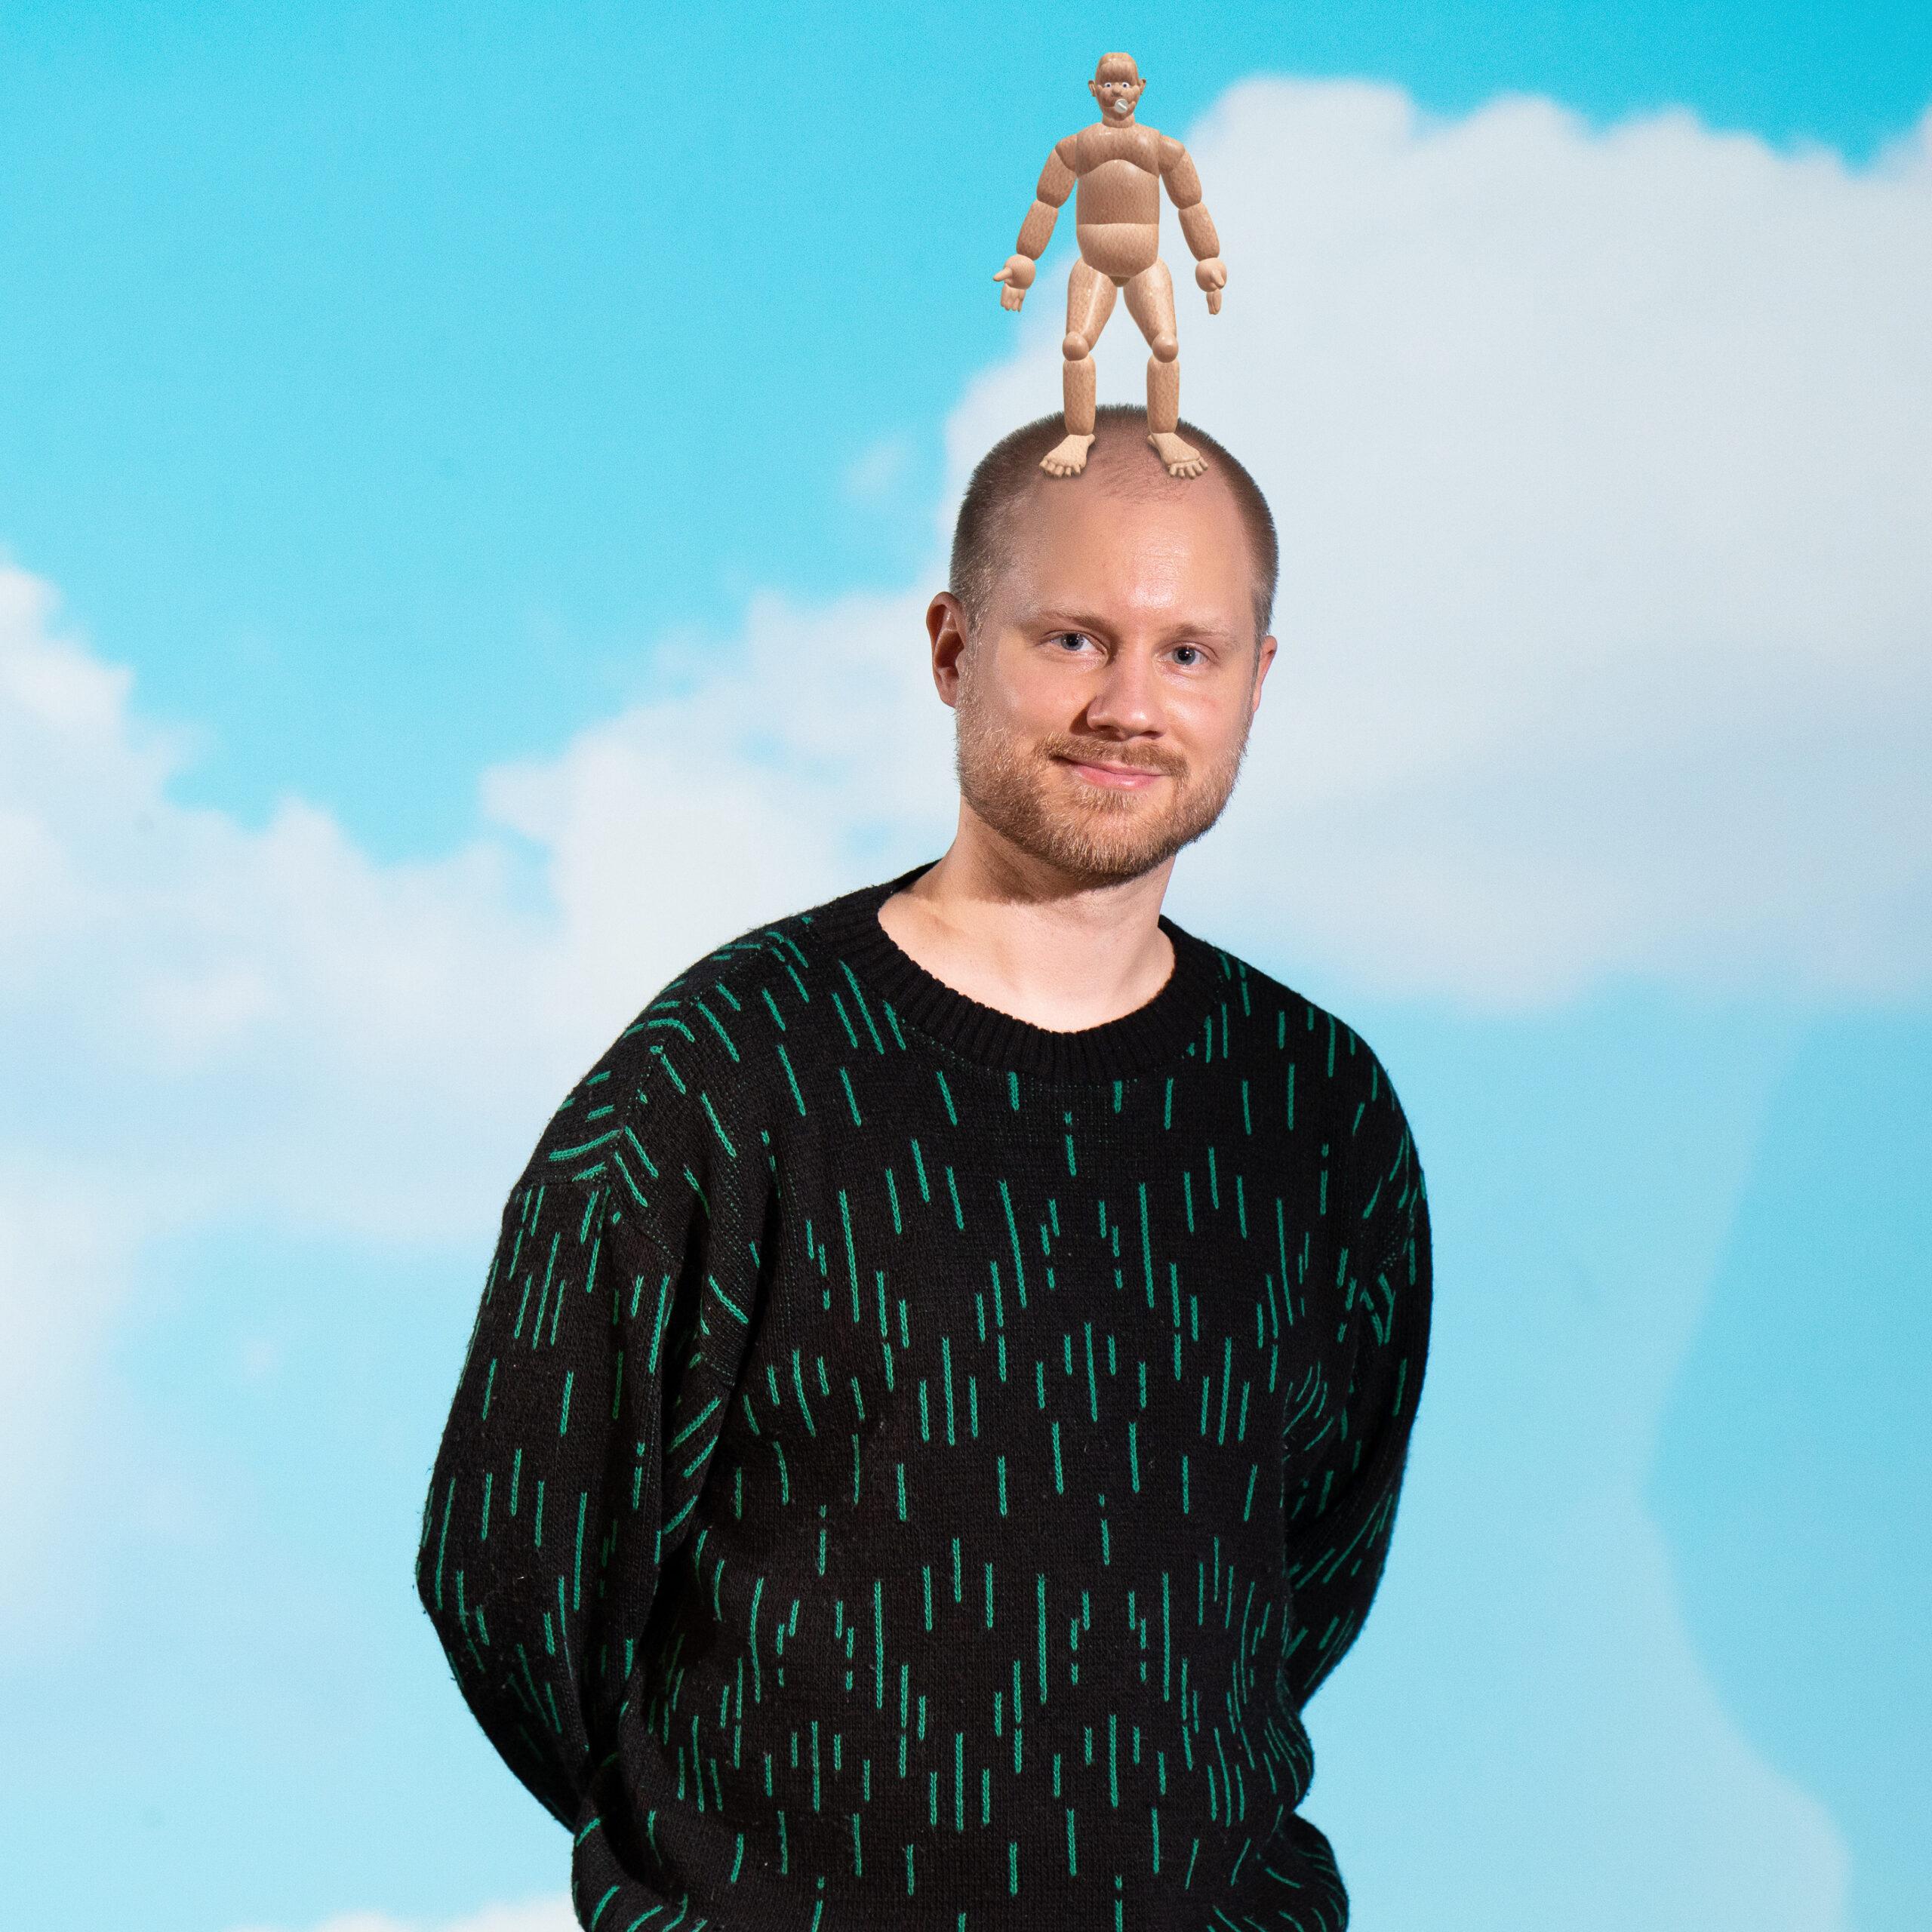 Henkilö seisoo pilivtaivaan edessä ja hänellä on pään päällä puunukke